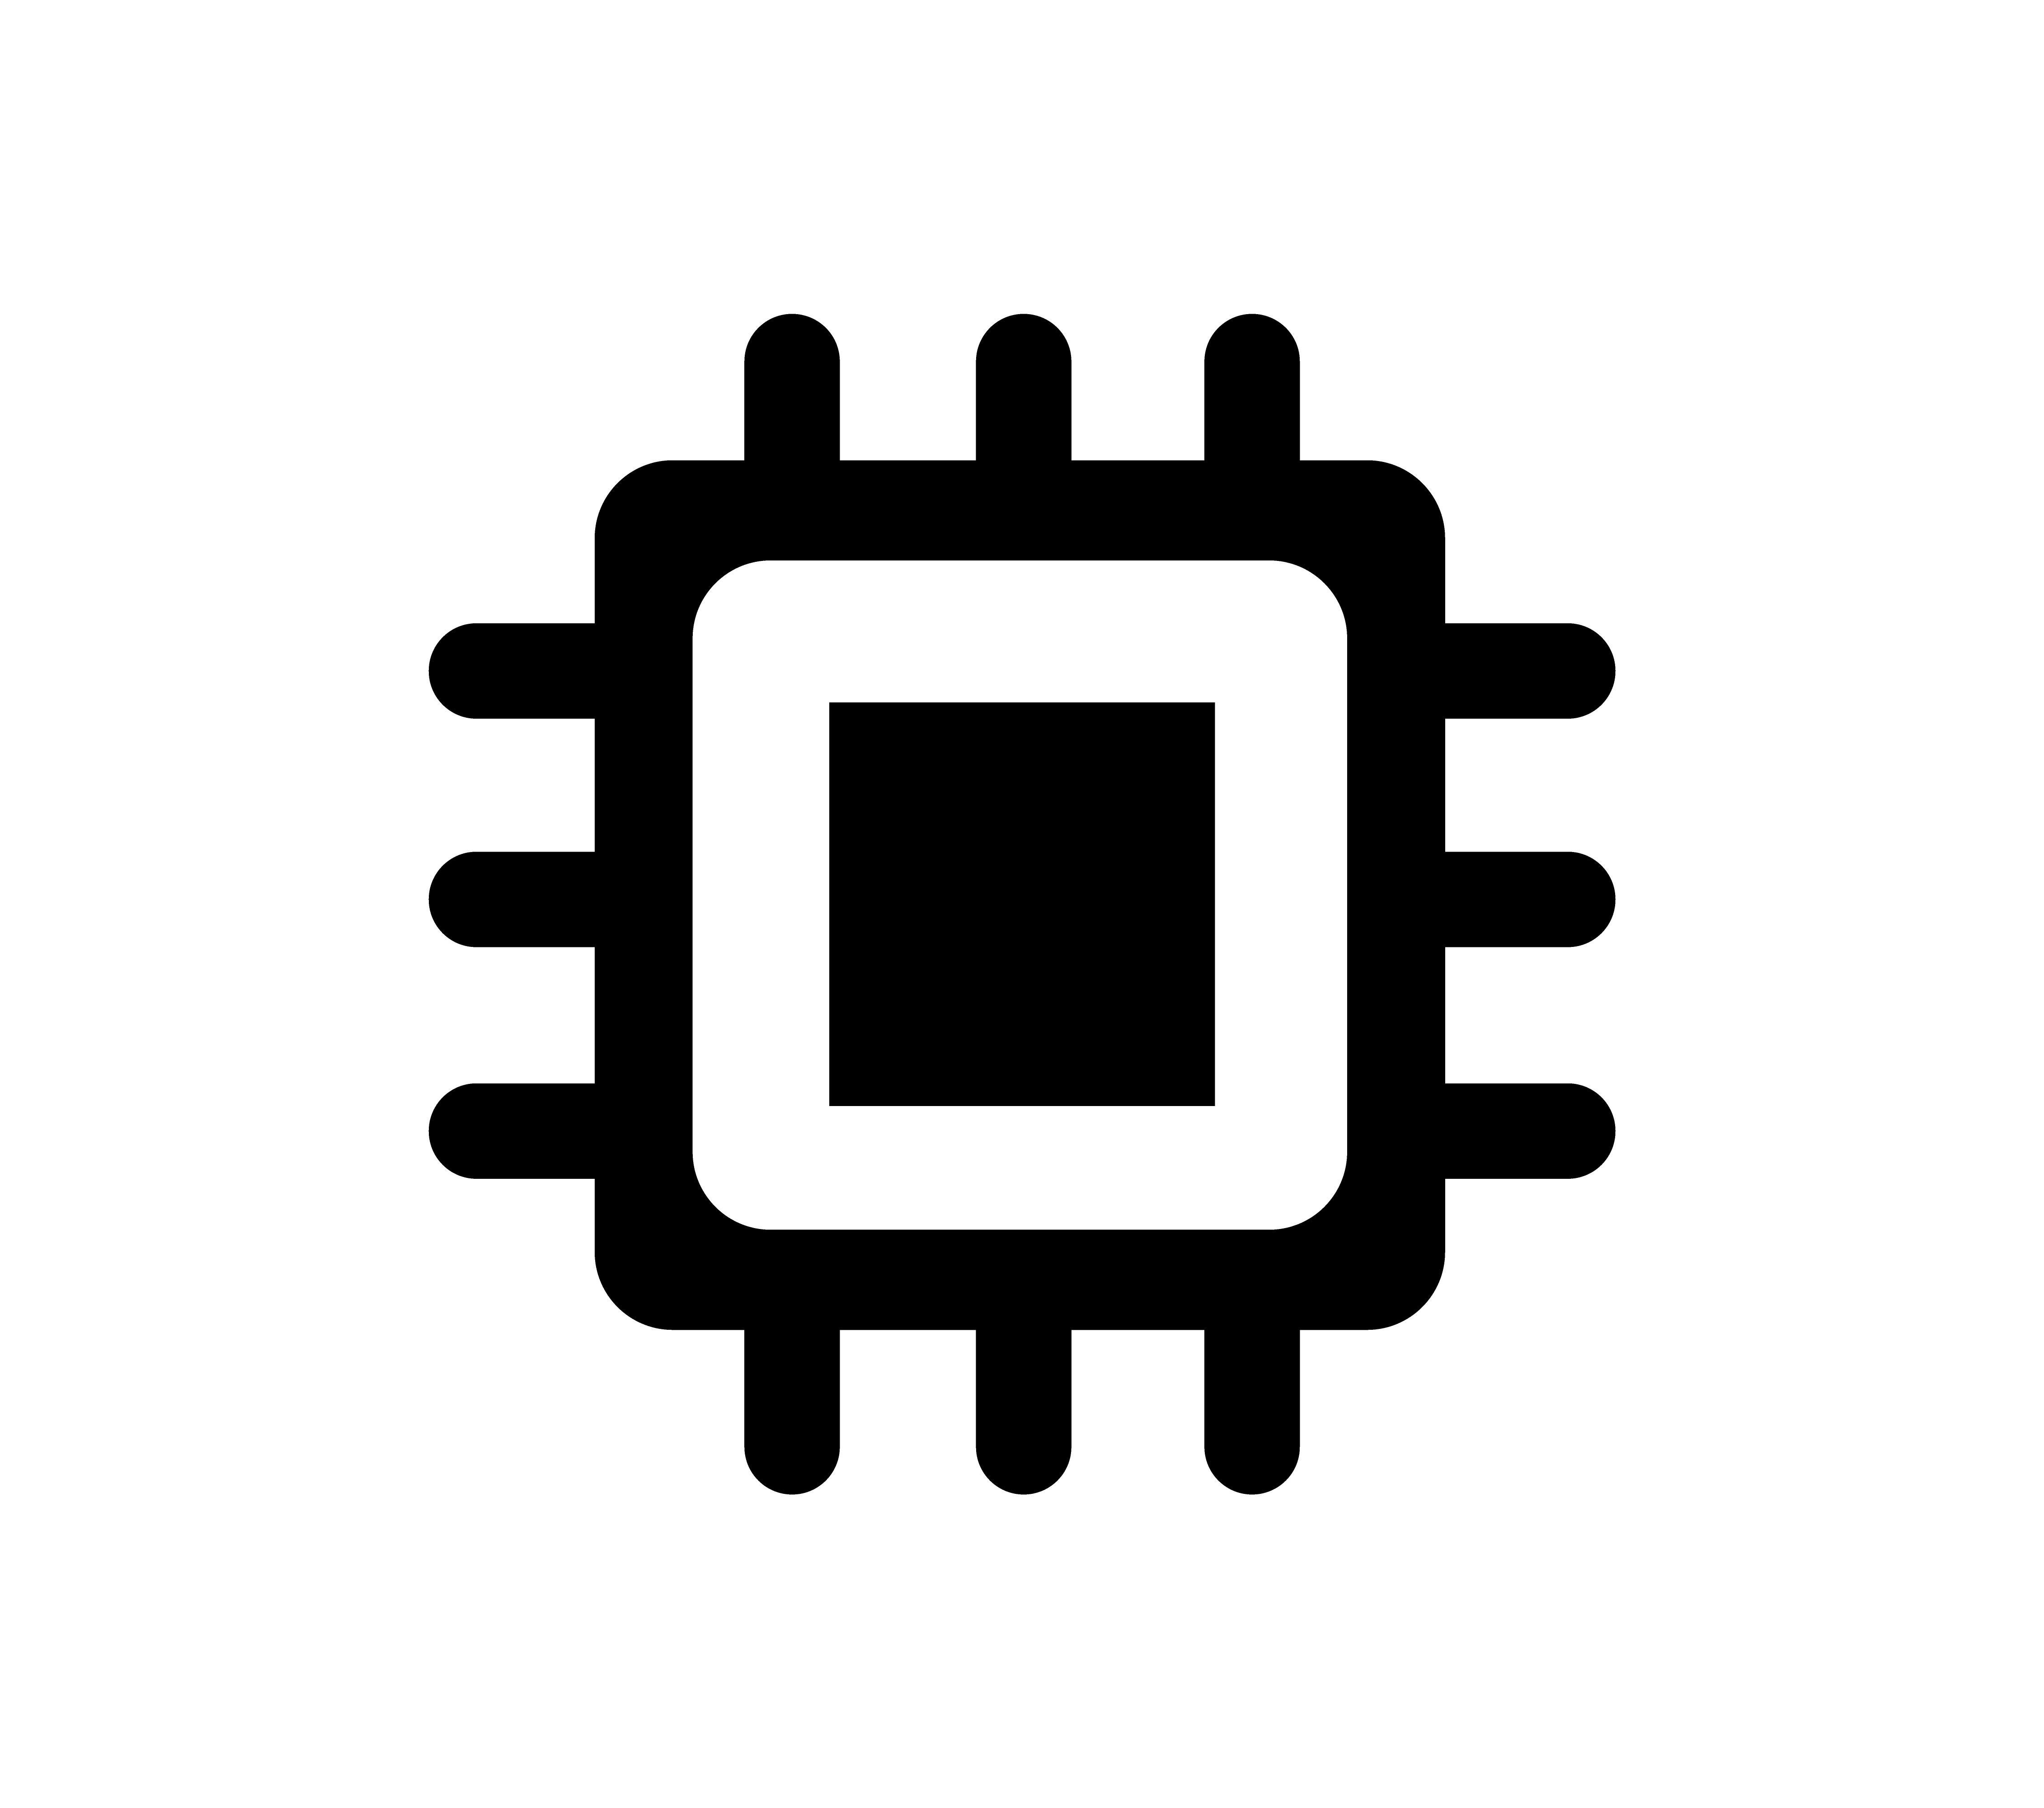 Technologie Chip Vektor Kostenlos 571 Gratis Downloads